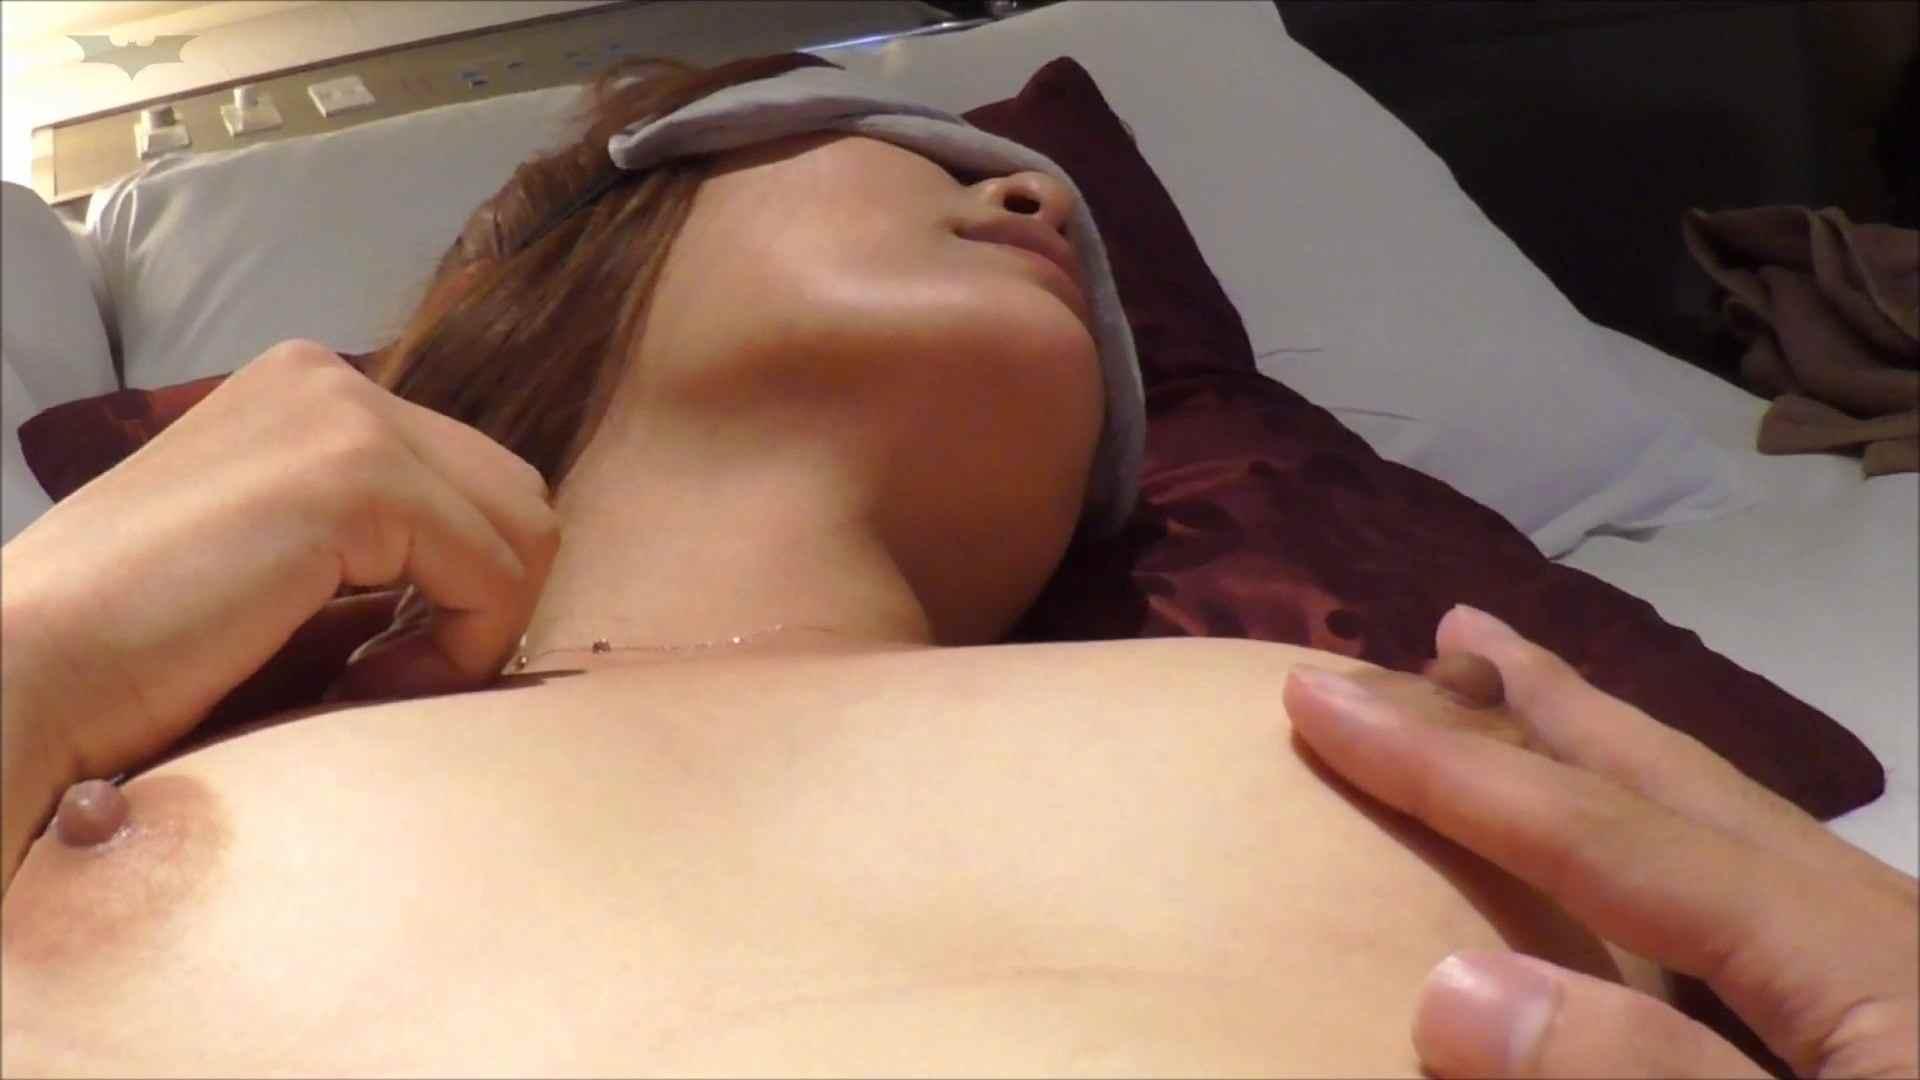 内緒でデリヘル盗撮 Vol.03中編 美肌、美人のデリ嬢にいよいよ挿入! 美肌 隠し撮りオマンコ動画紹介 93pic 43